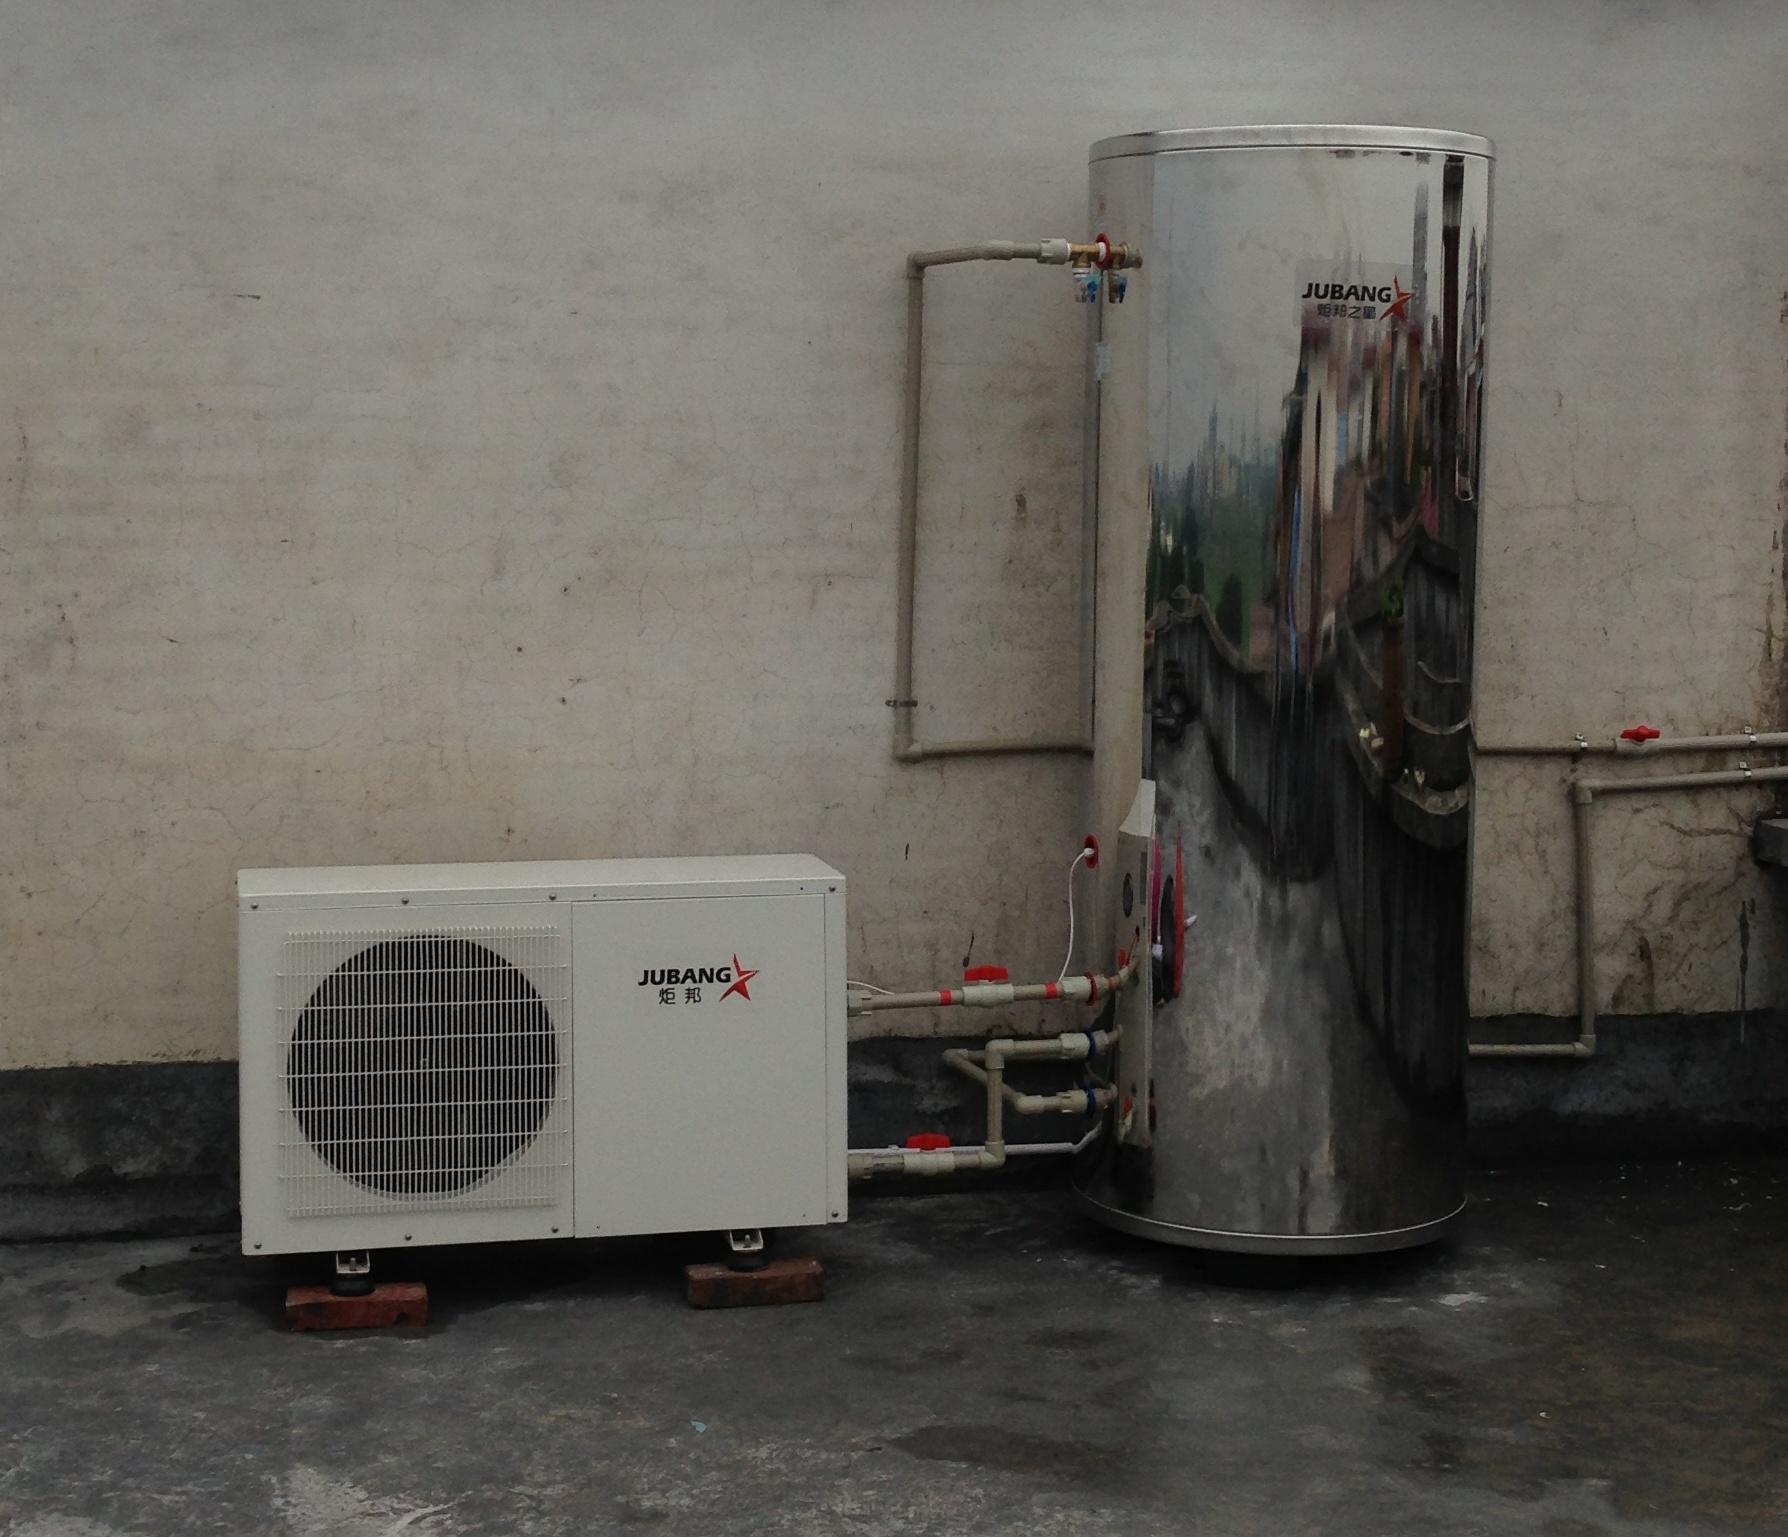 主机里面多了个换热器跟循环水泵,空气能热水器机组的加热过程在主机内部完成,水箱就只起到储水保温作用,从而避免了氟循环内置盘管的铜管长年泡在高温水里产生氧化并形成水垢和铜锈甚至出现泄漏的可能。因为一旦铜管发生泄漏,冷媒将渗透到水里,对人的身体极为不利。水循环不会有铜锈、腐蚀,保证了我们用的热水是干净、安全不漏电,当然制热速度比氟循环稍快。  版权所有